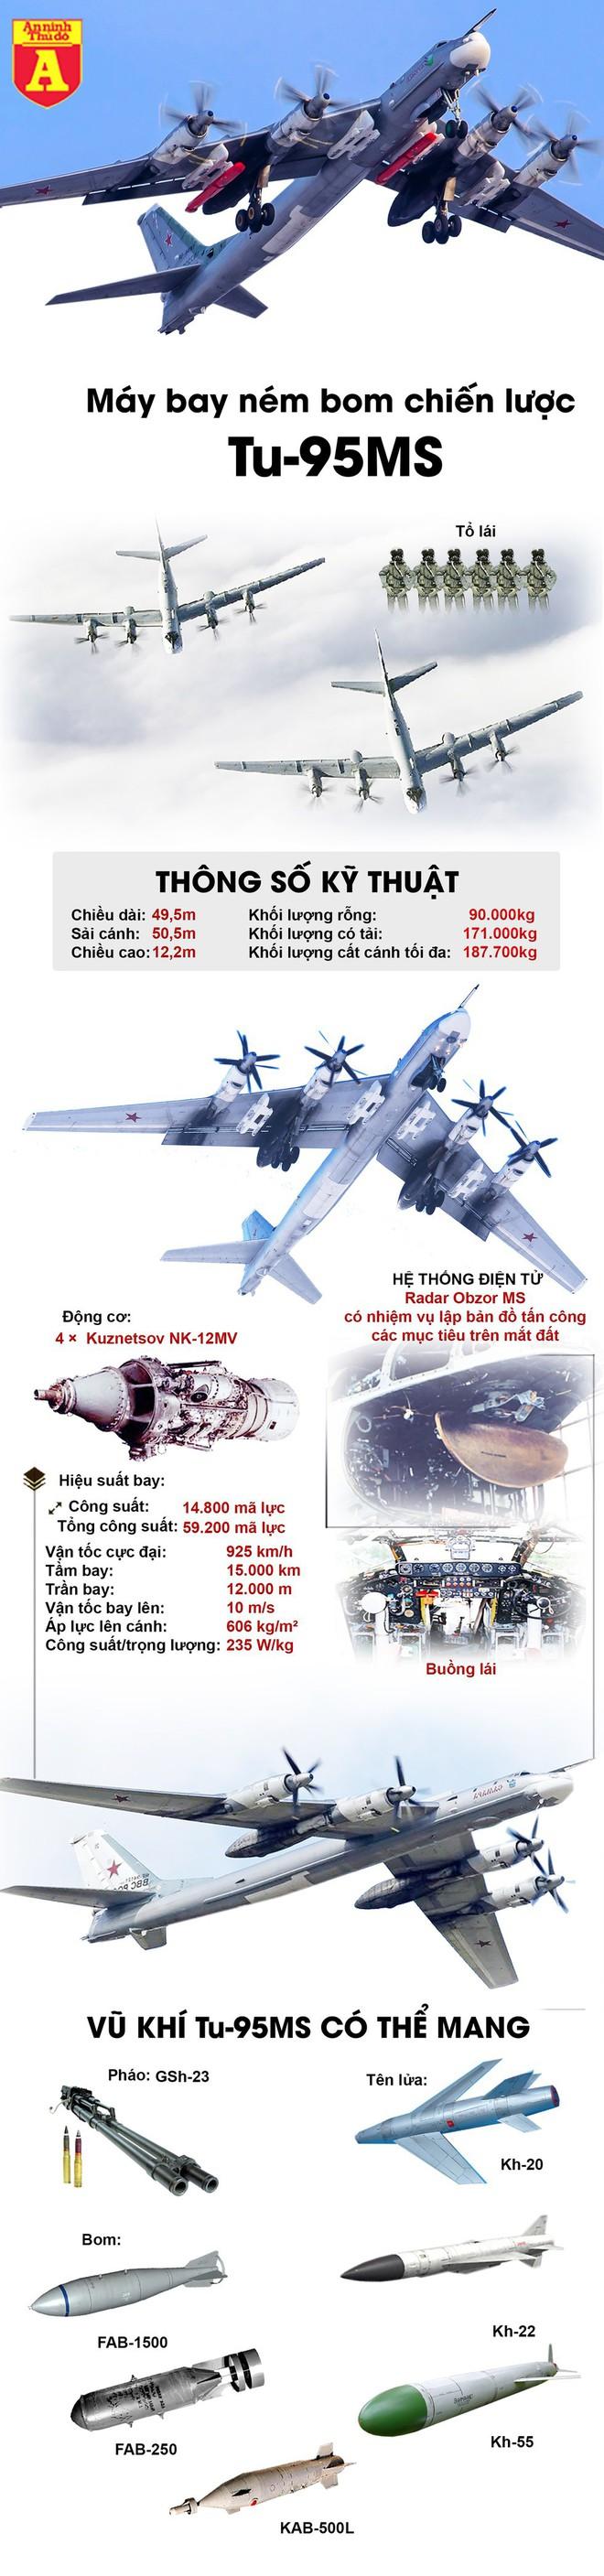 Gấu bay Tu-95MS lọt top máy bay cực nguy hiểm của Nga - Ảnh 2.